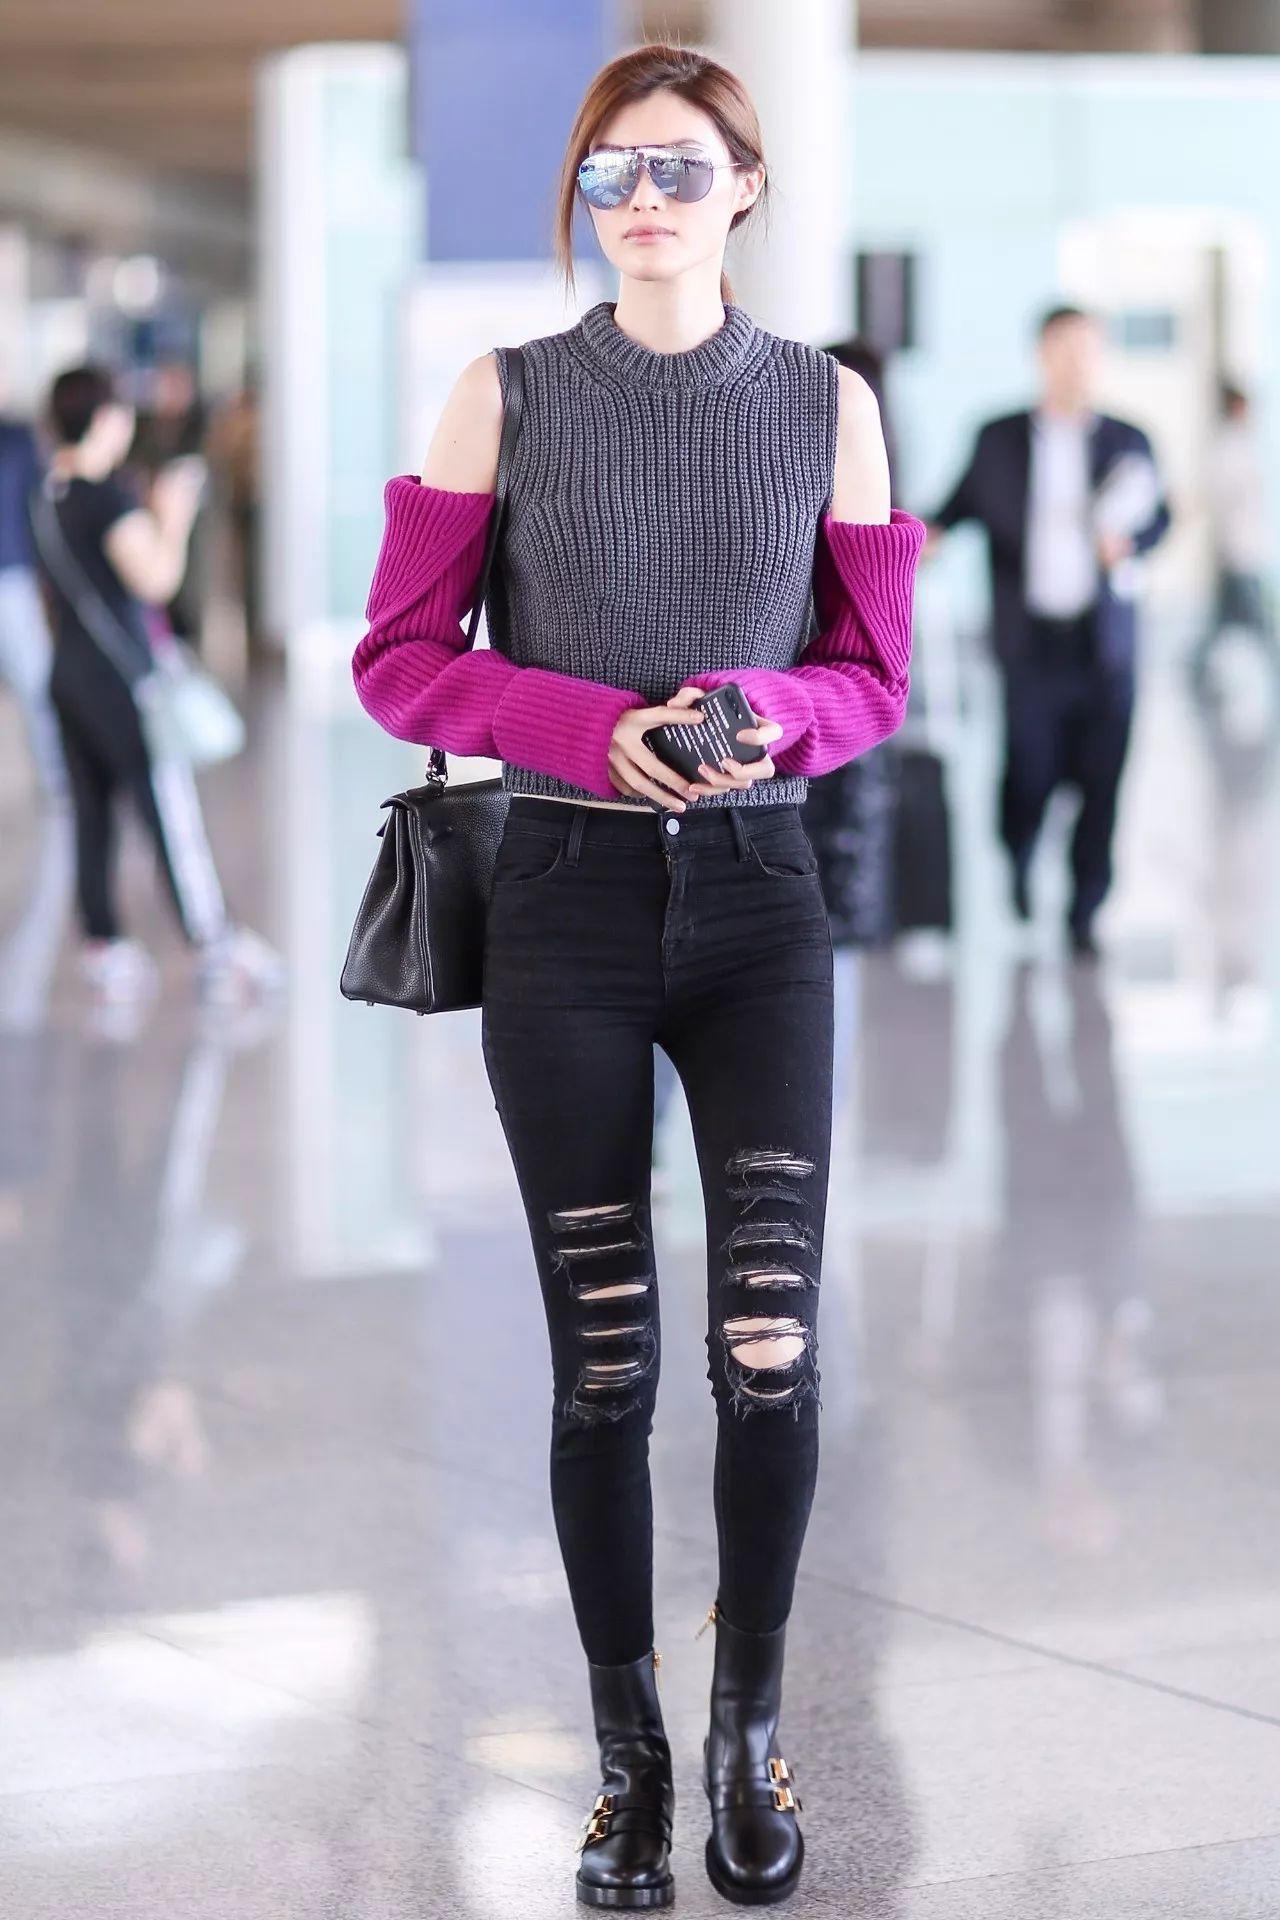 何穗2017年10月11日北京机场街拍-快看 范冰冰和Angelababy一起扮图片